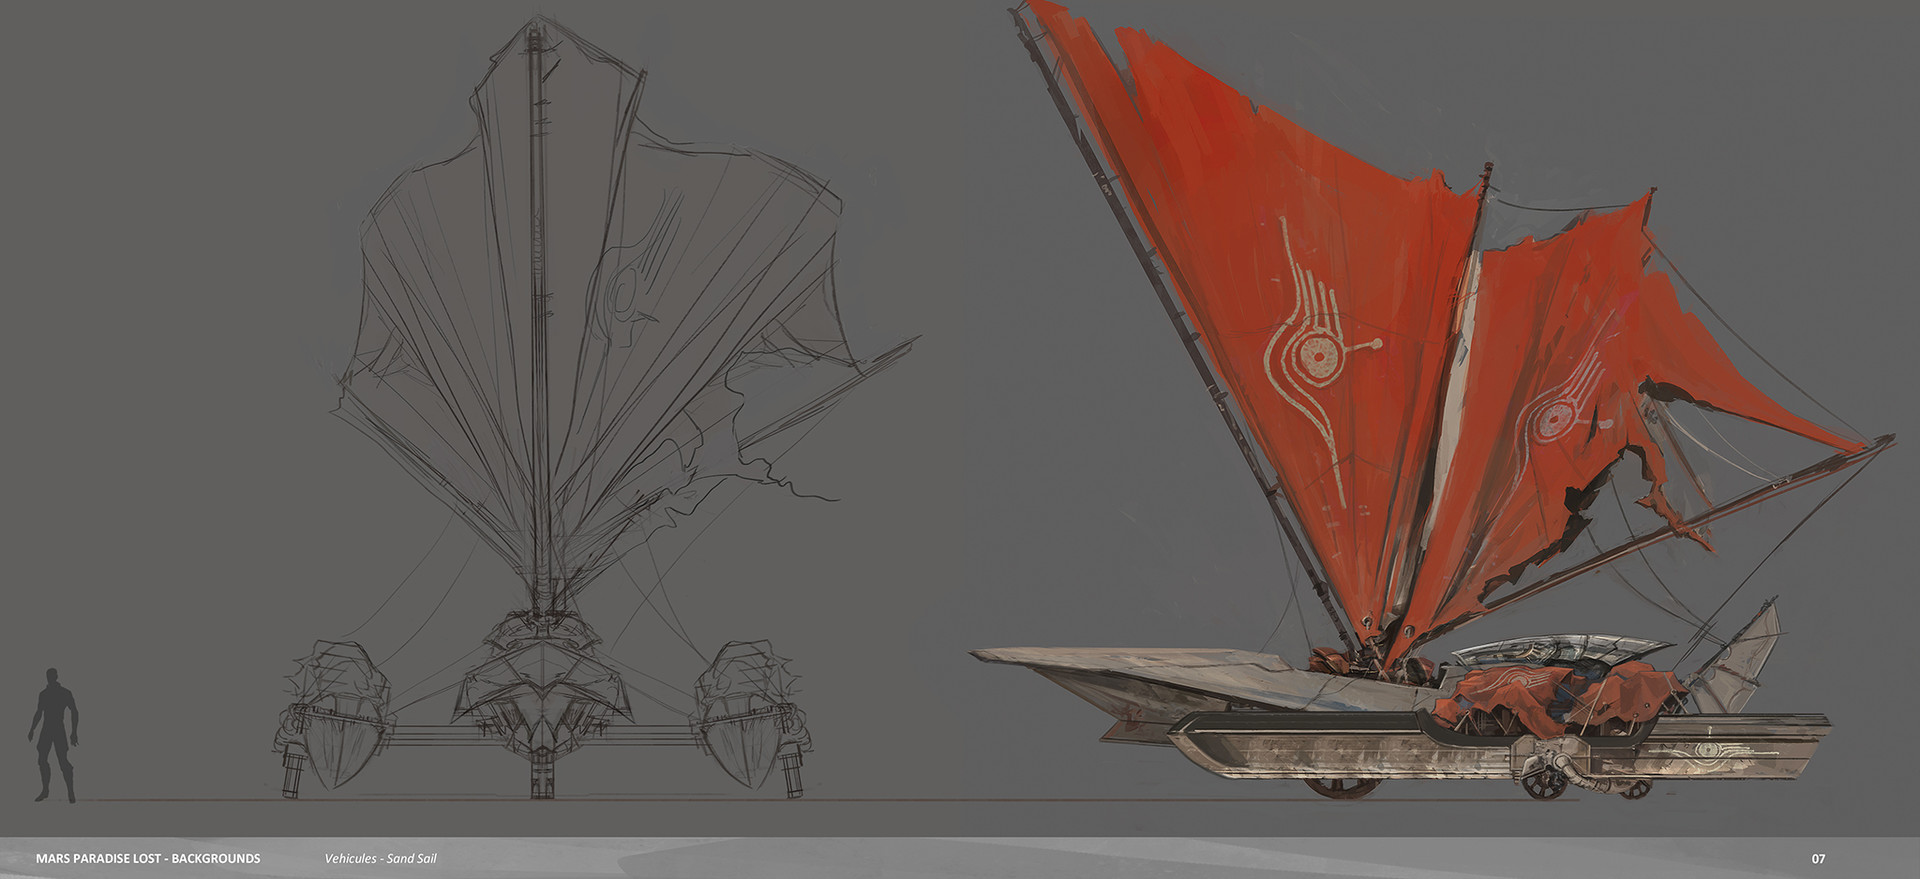 Alexandre chaudret mpl backgrounds vehicules sandsails07